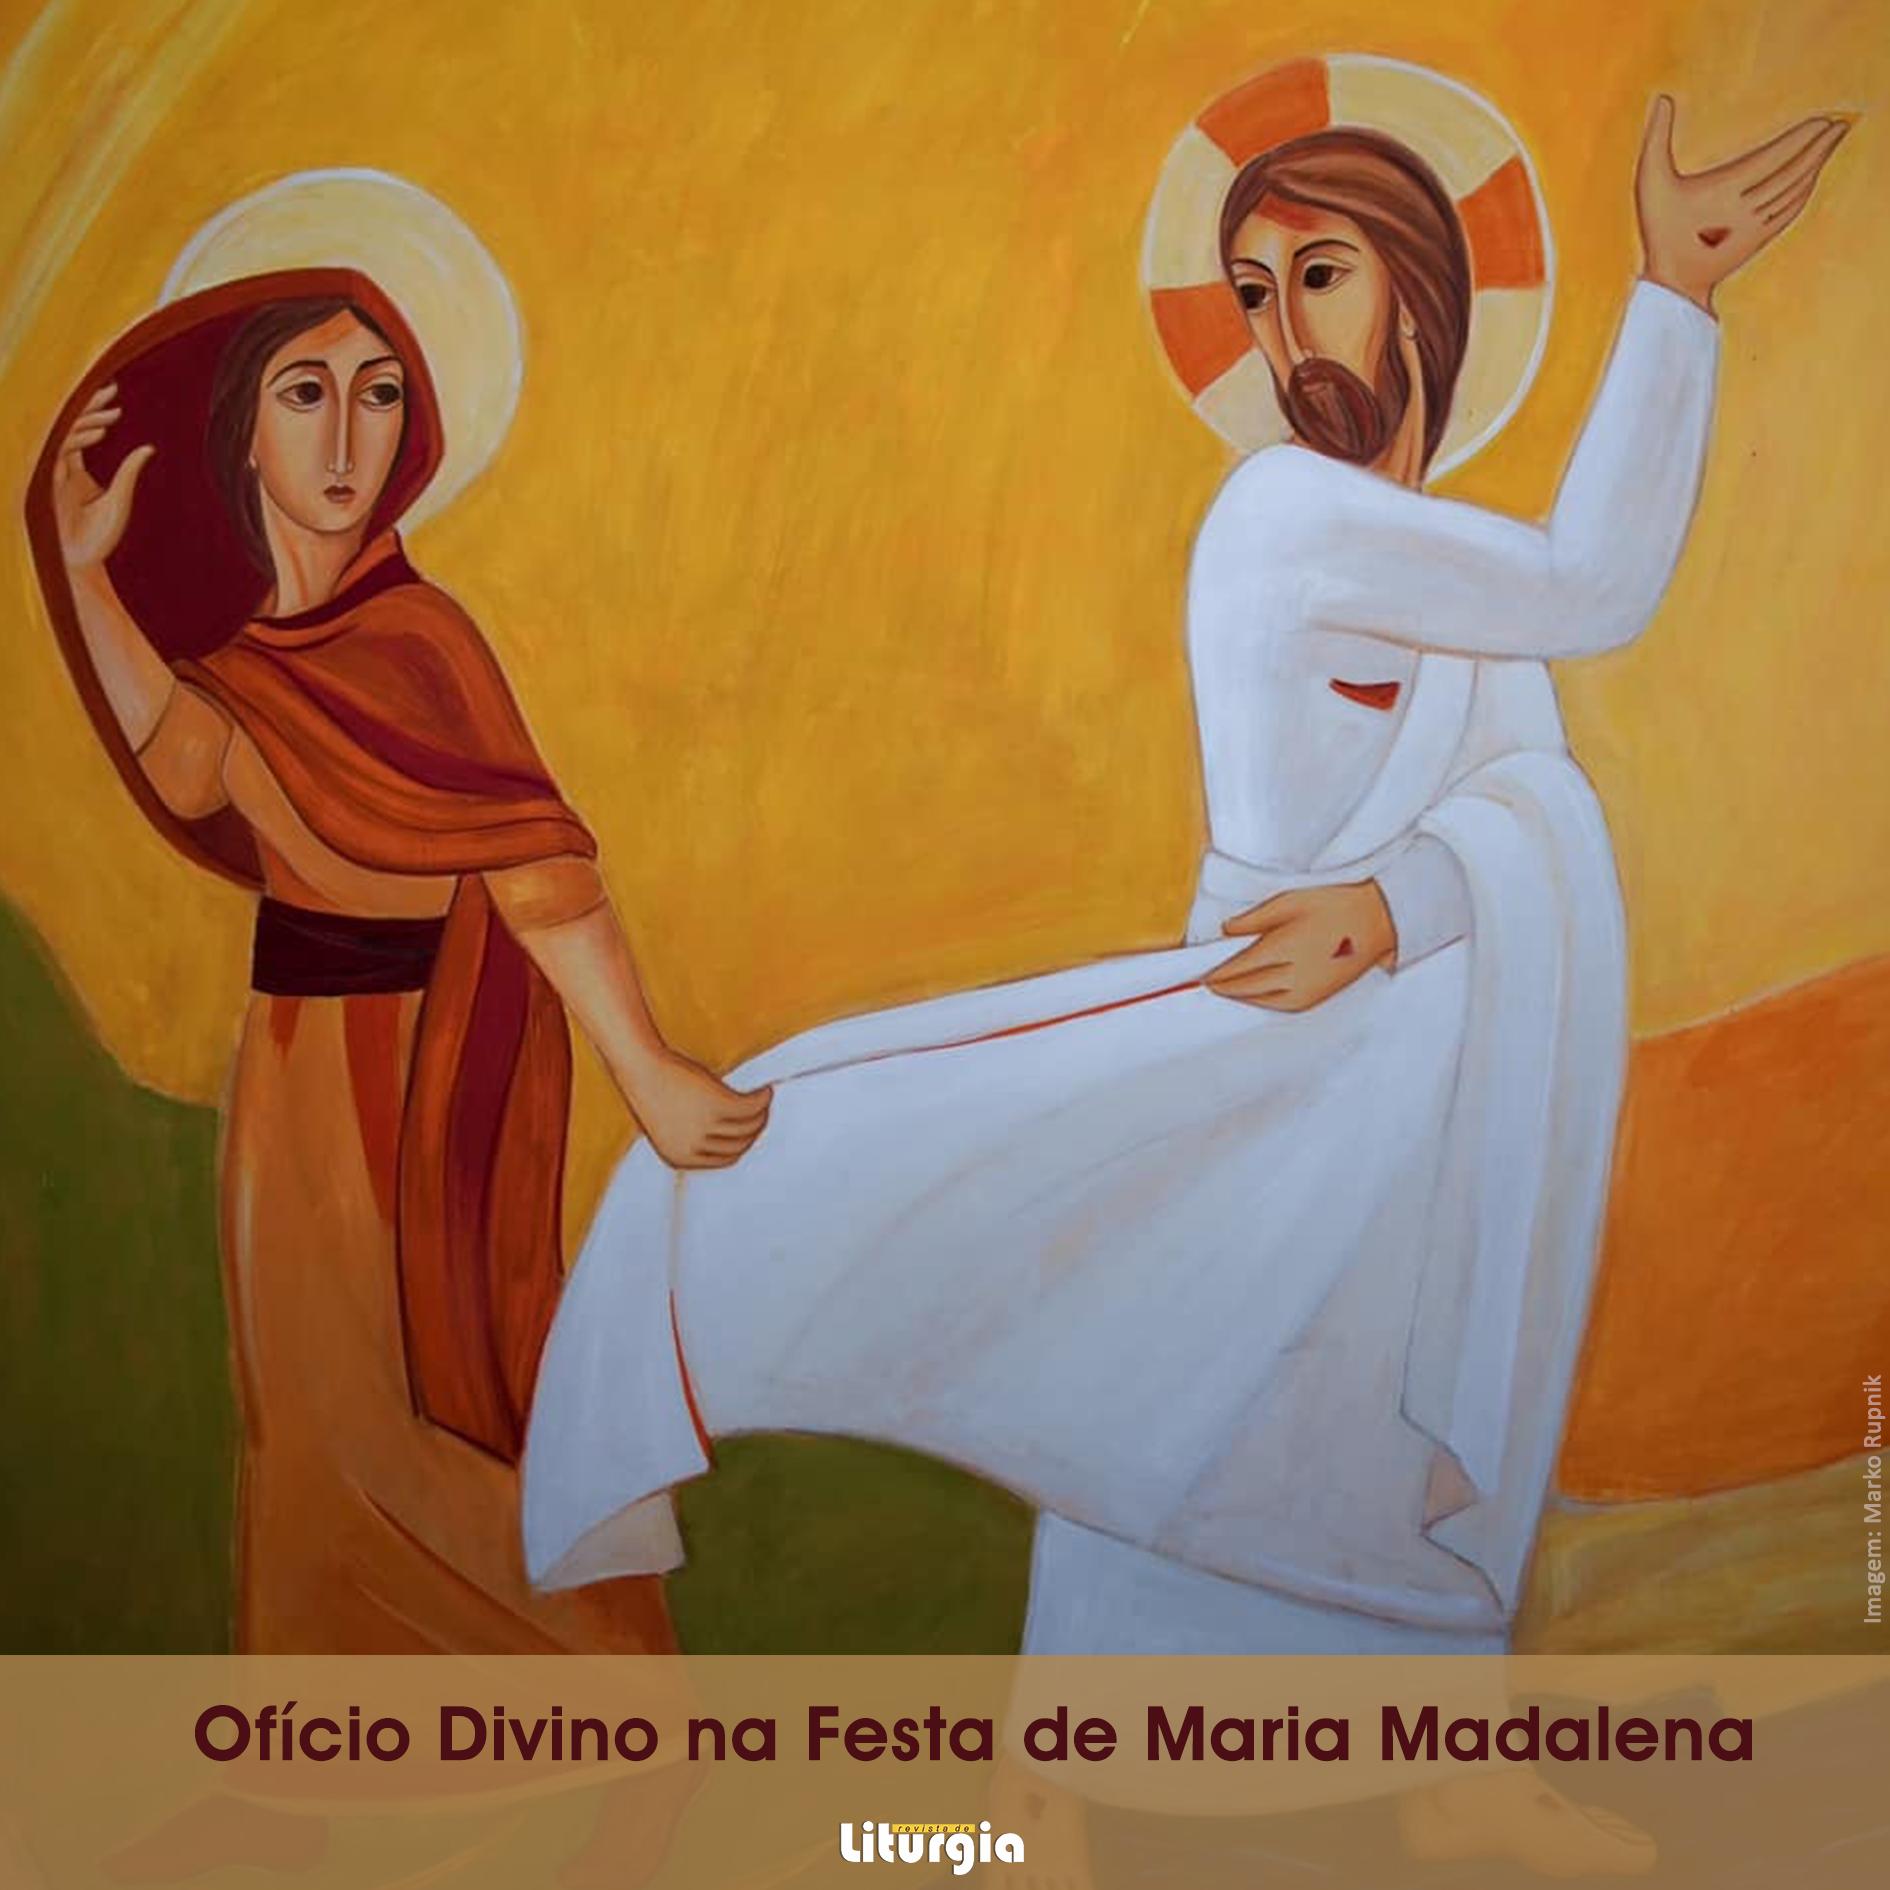 Ofício Divino na Festa de Maria Madalena – Discípula e apóstola dos apóstolos